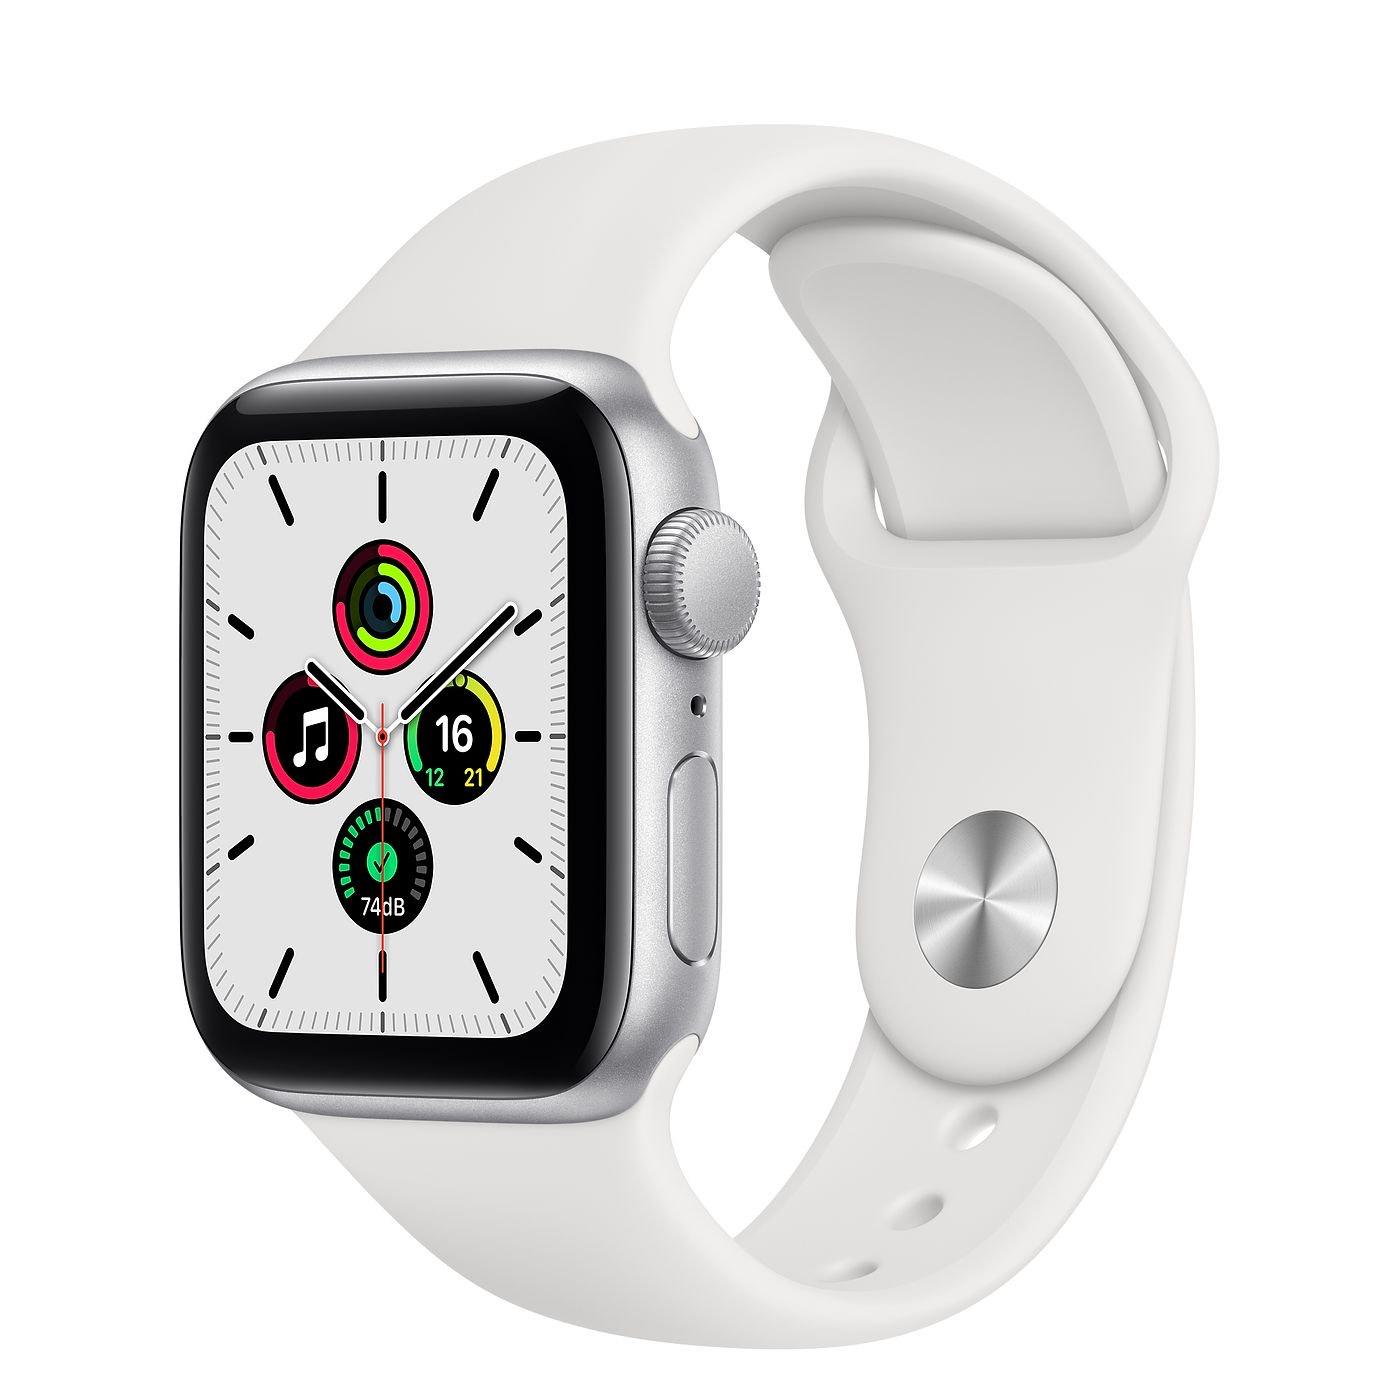 Montre connectée Apple Watch Se - GPS, 44 mm, Boîtier en Aluminium Argent, Bracelet Sport Blanc